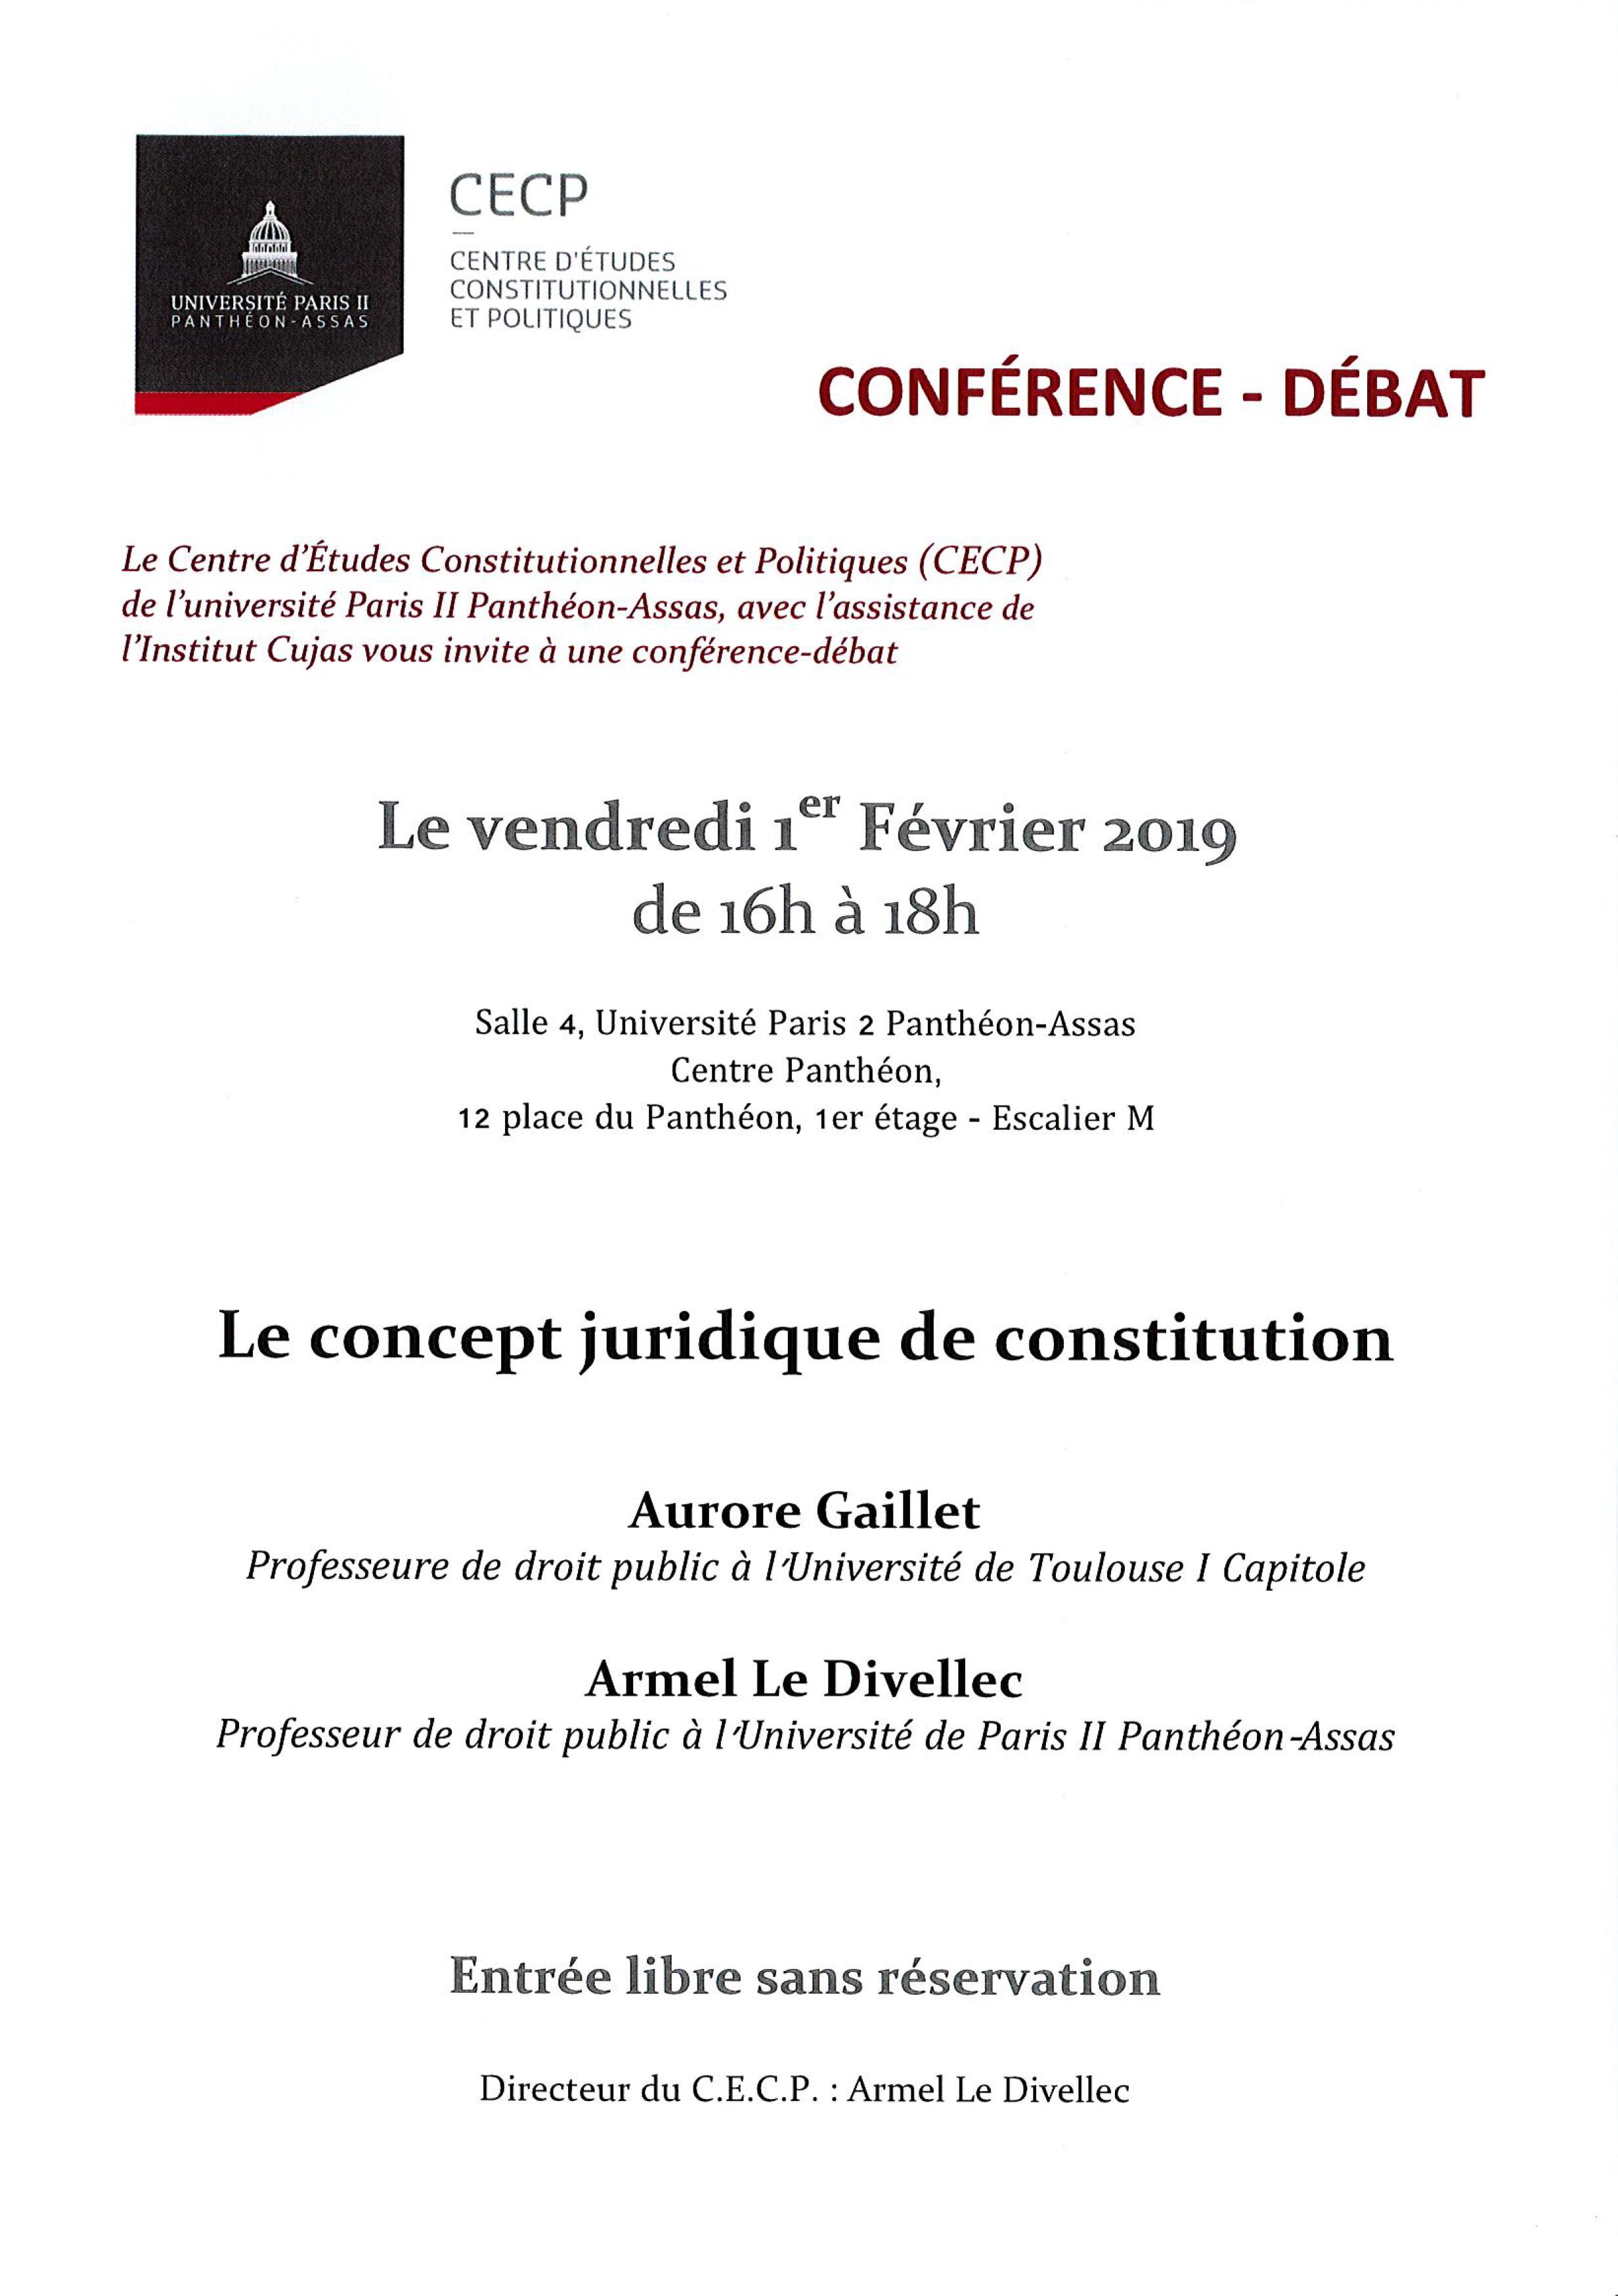 concept_juridique_de_constitution